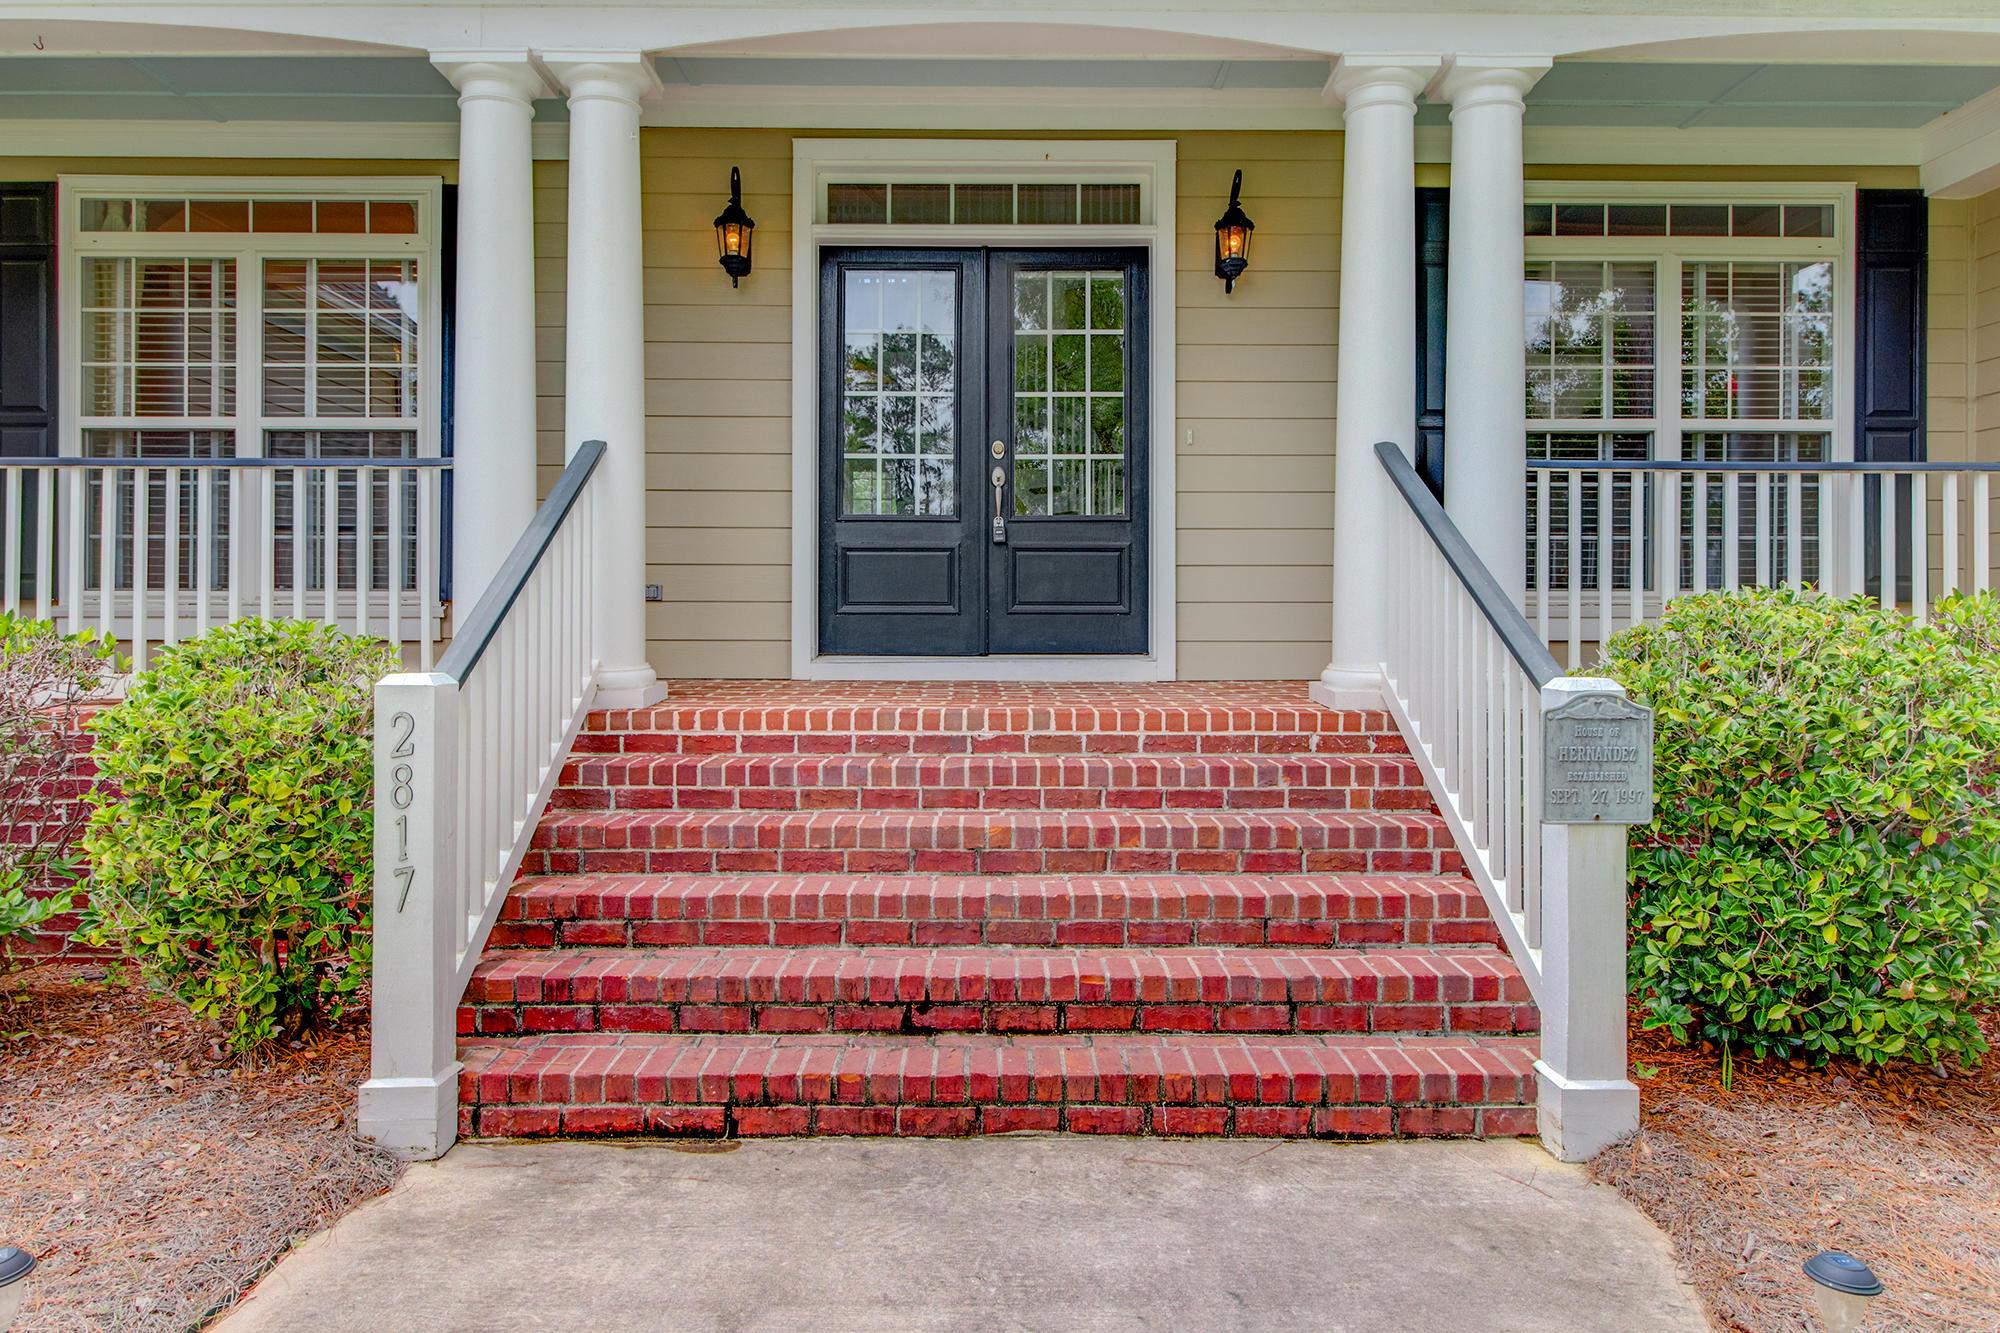 Dunes West Homes For Sale - 2817 Oak Manor, Mount Pleasant, SC - 7